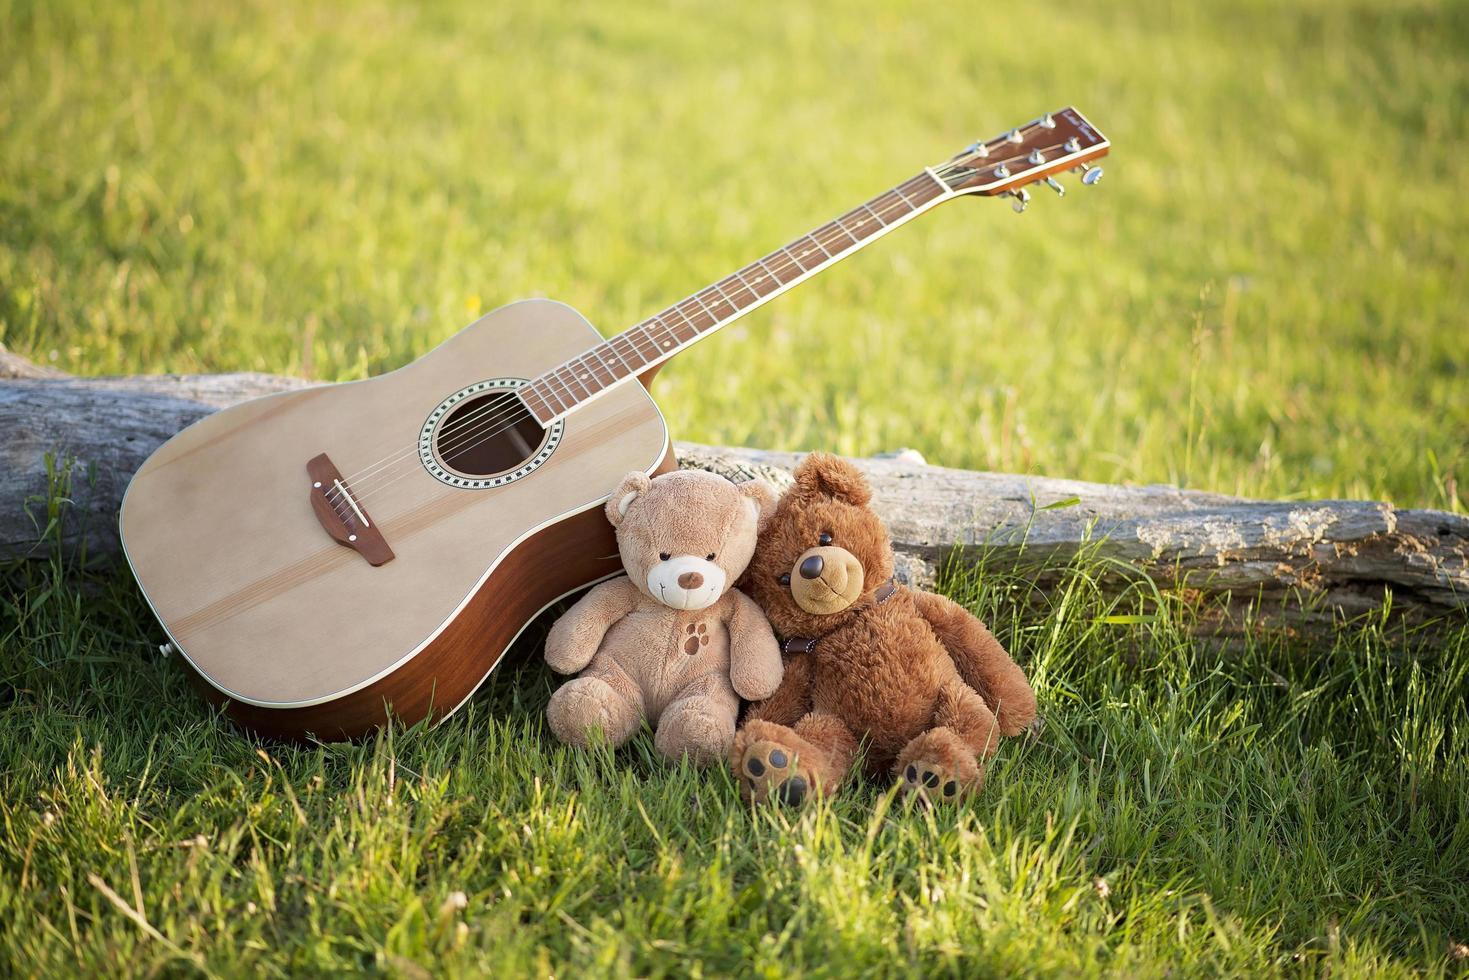 twee teddyberen verliefd in het gras met een gitaar op een zonnige zomerdag. Valentijnsdag. concept van liefde en trouw. homo koppels foto